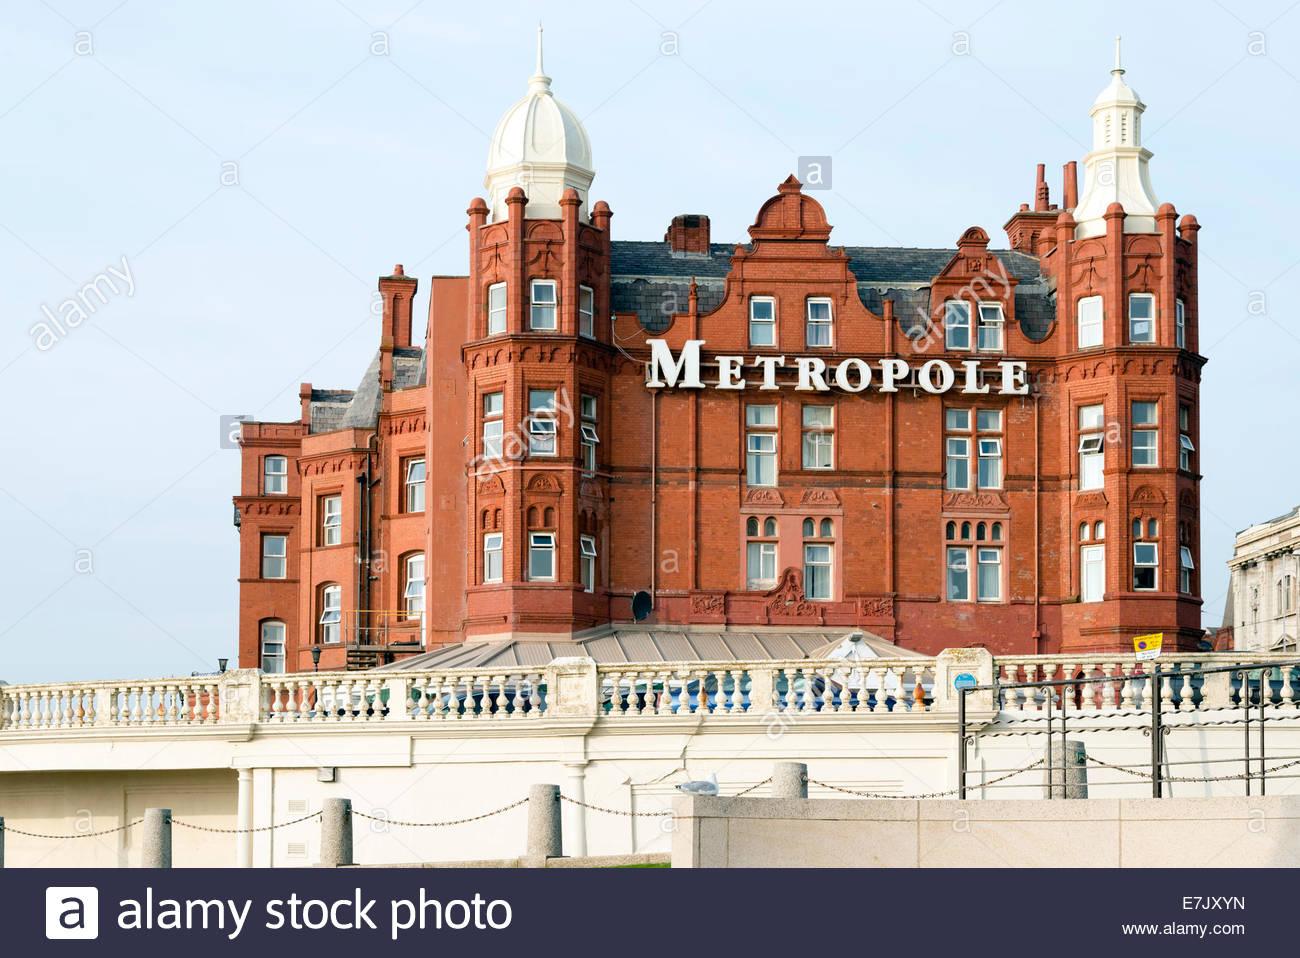 Metropole Hotel, Blackpool, Lancashire, UK. Stockbild